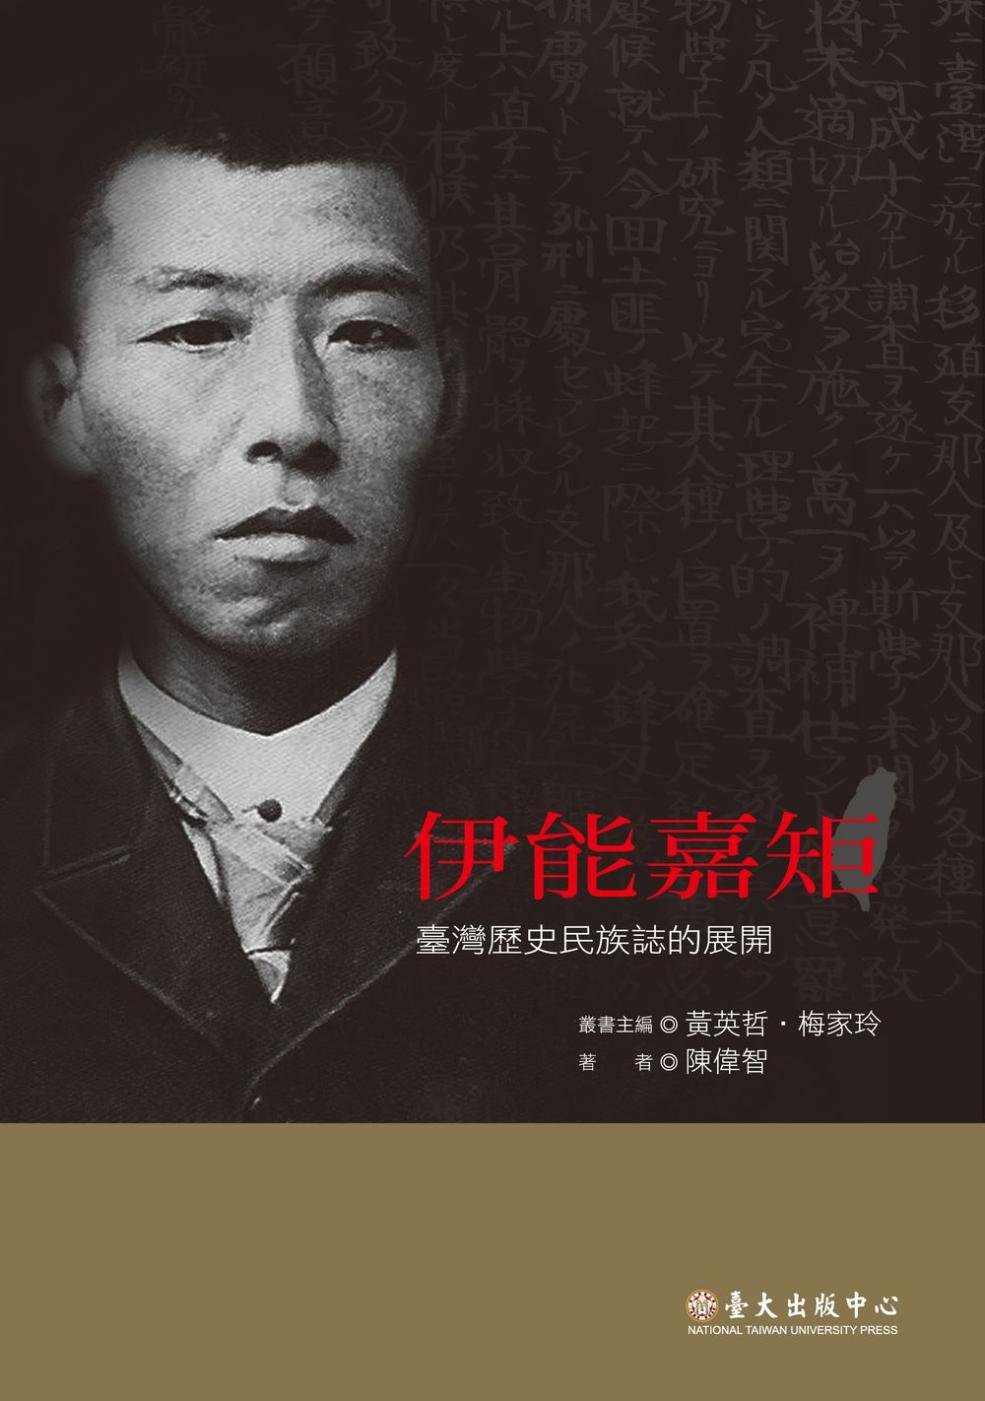 伊能嘉矩:臺灣歷史民族誌的展開